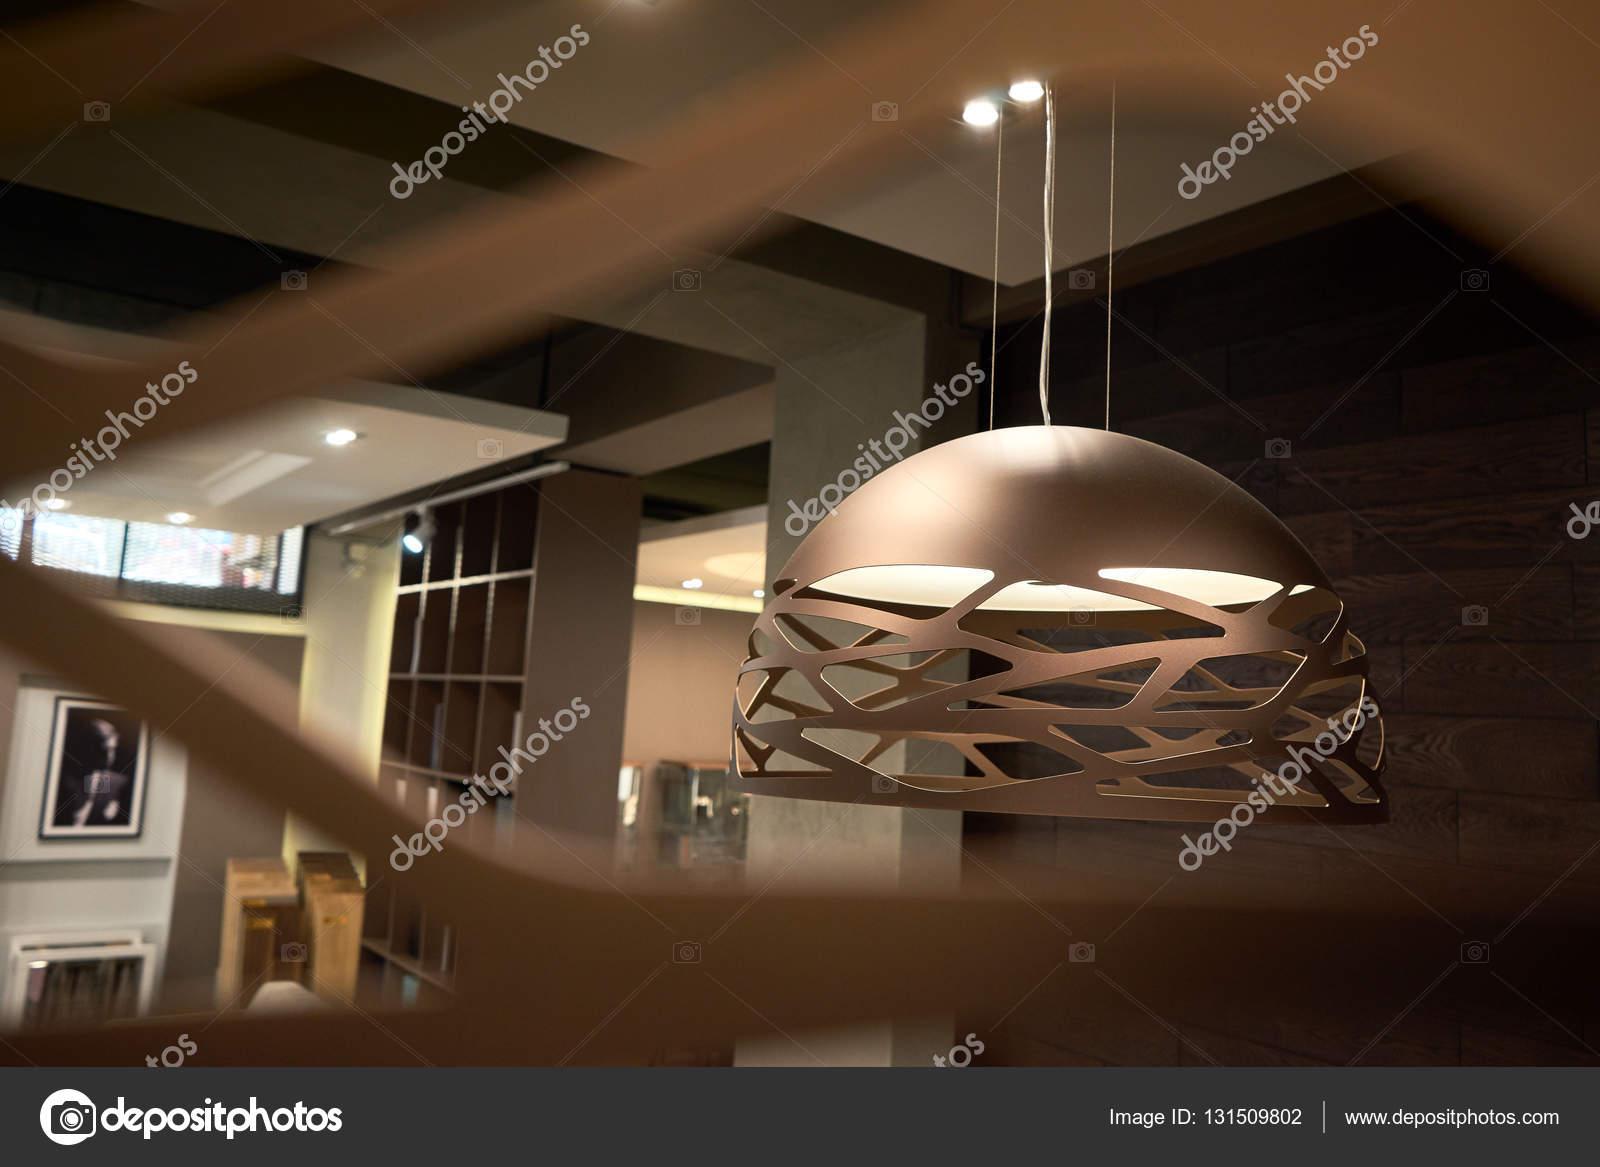 Lampadario luci soggiorno — Foto Stock © Himchenko #131509802